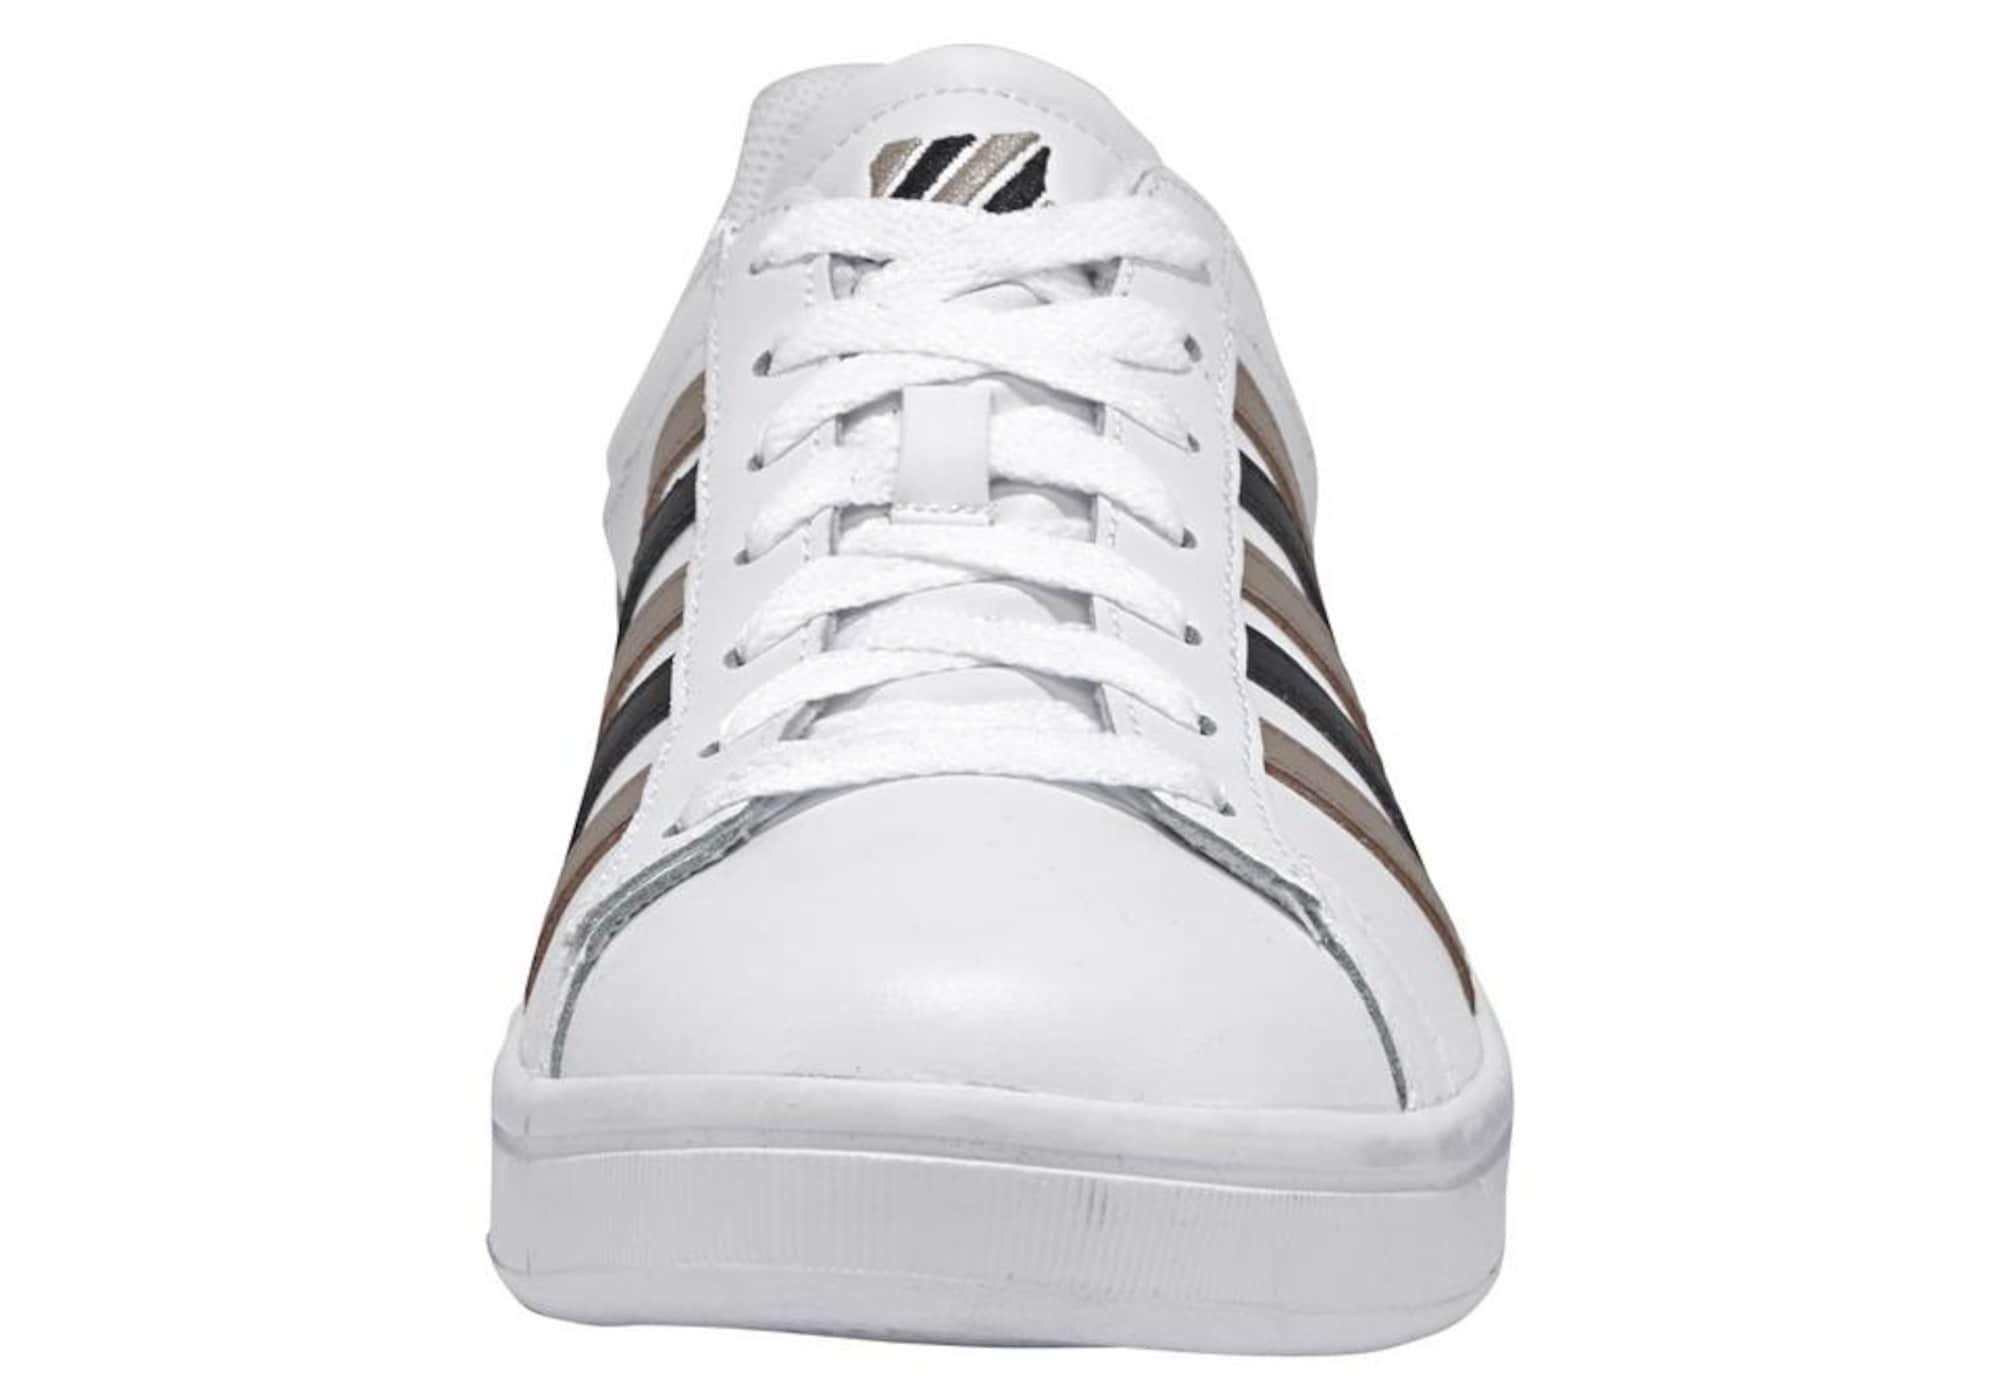 K SWISS Sneaker 'Court Winston M' in taupe schwarz weiß